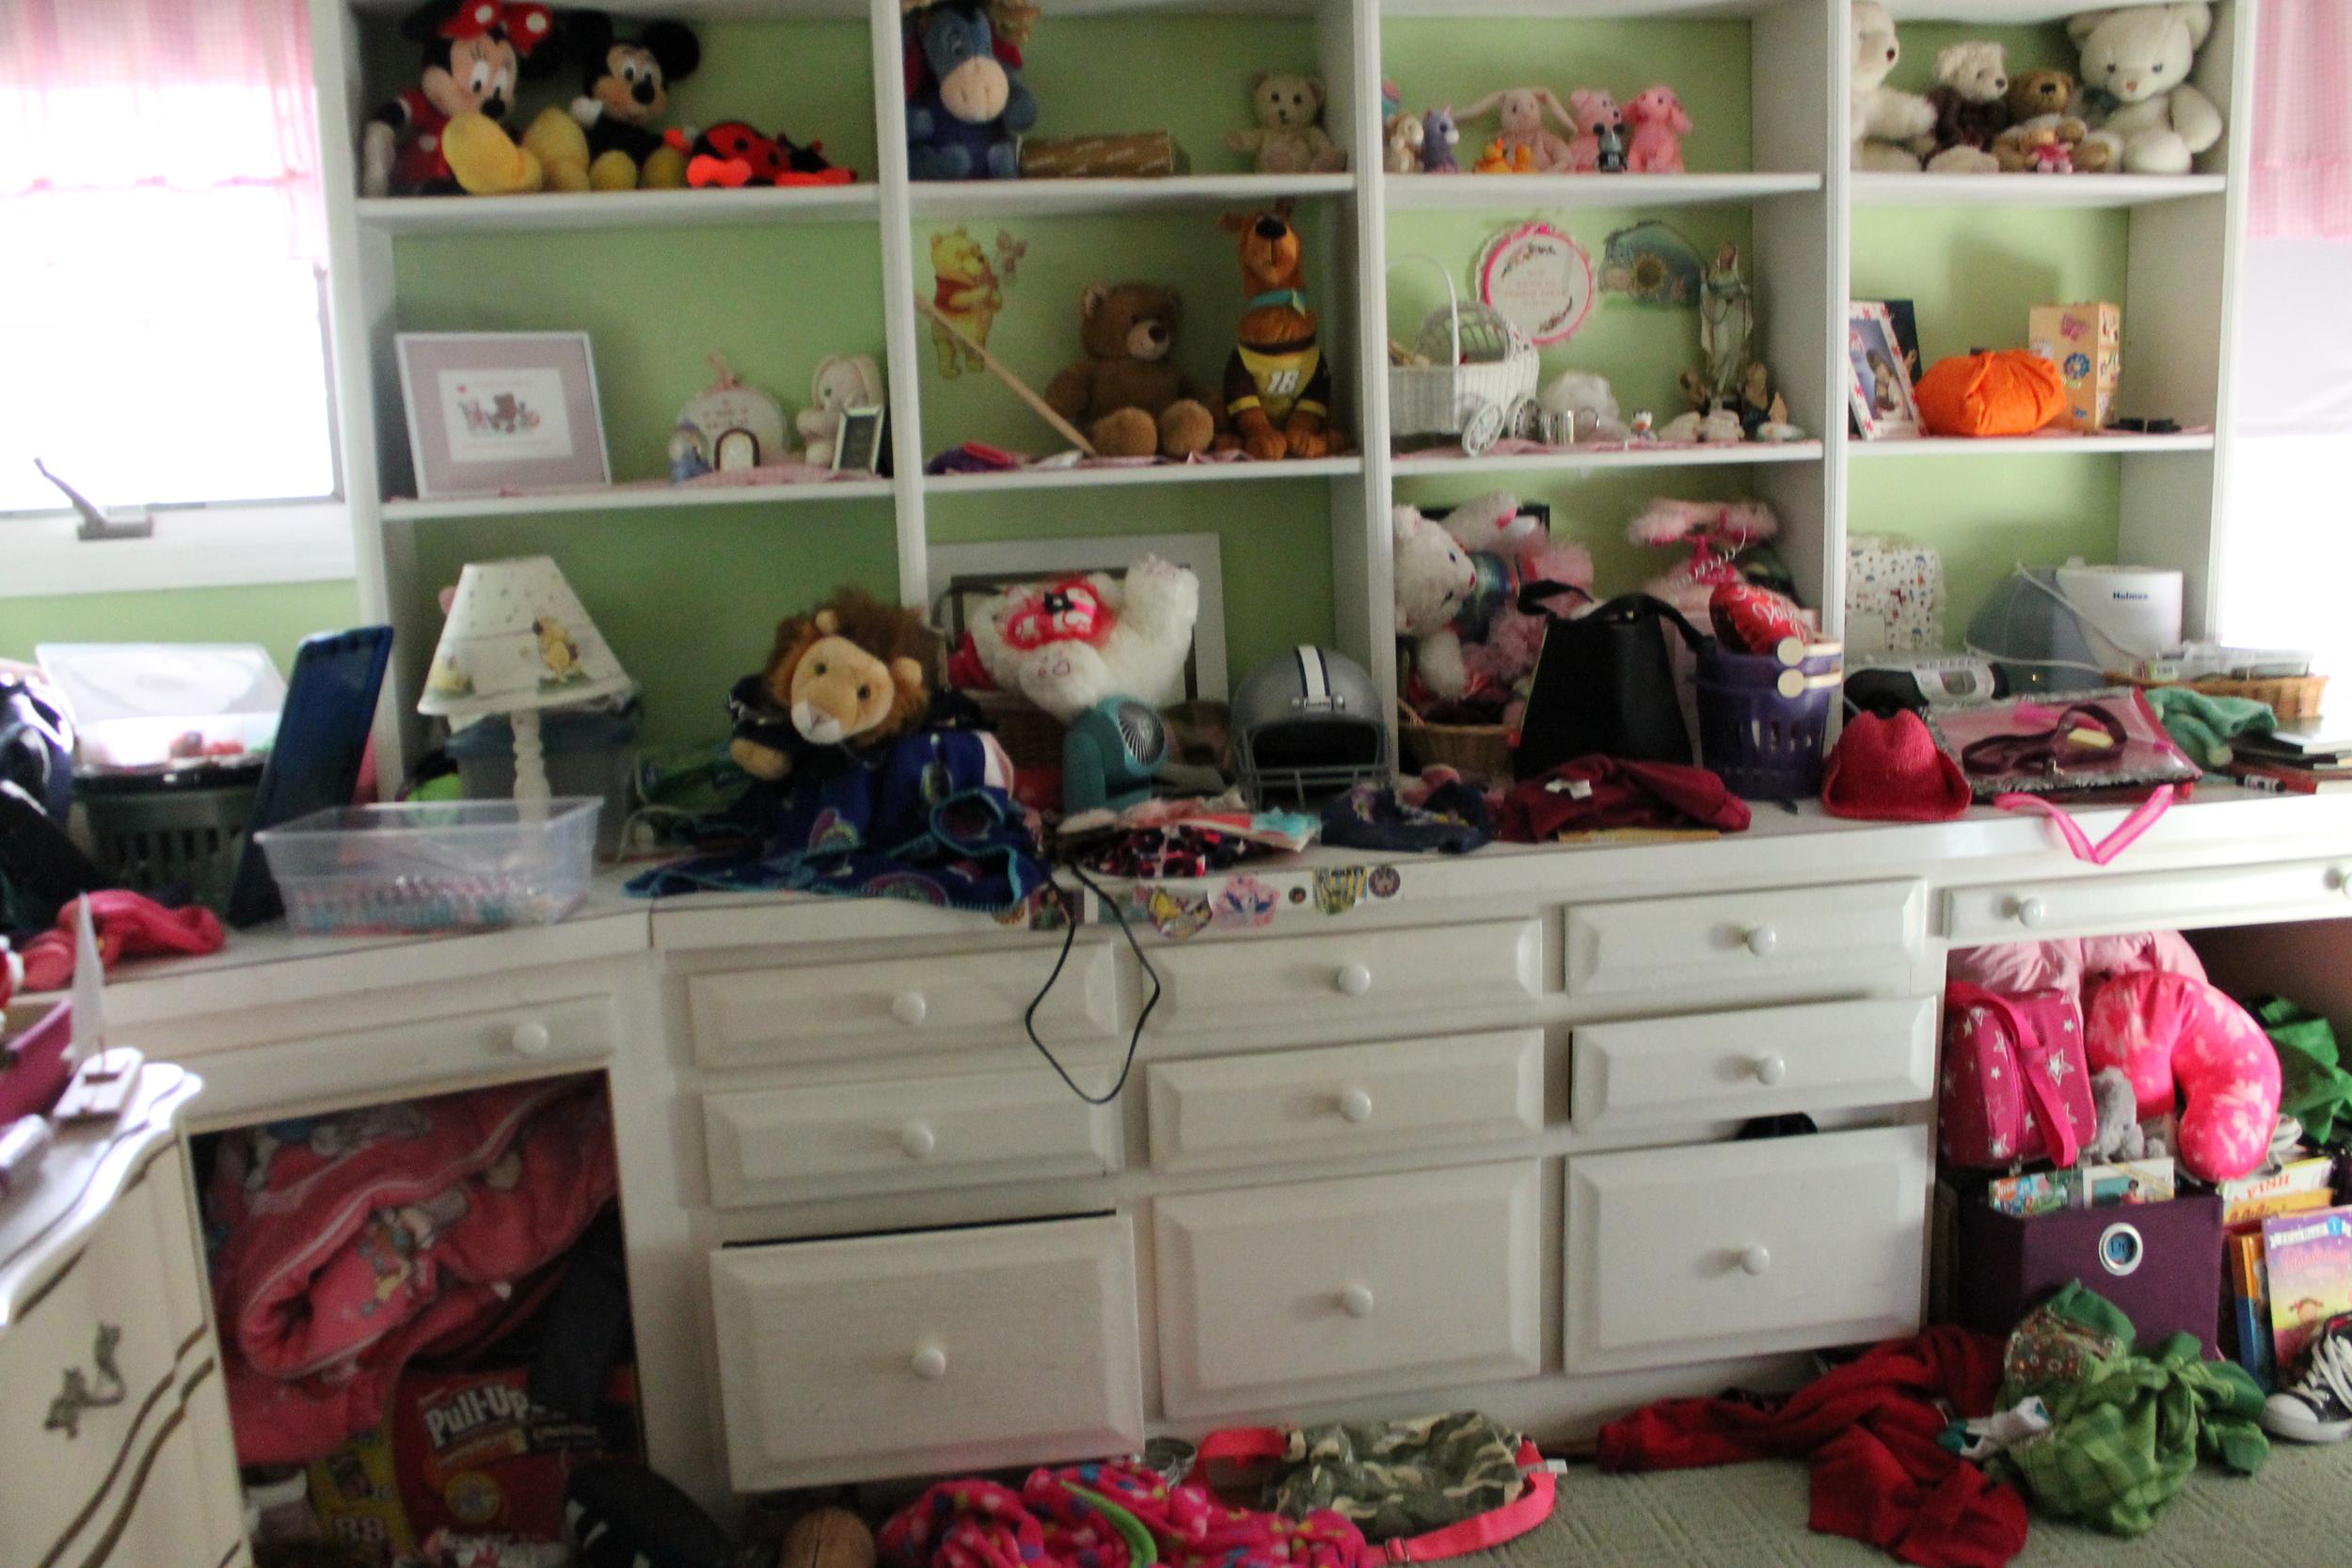 Kid's Bedroom: Before